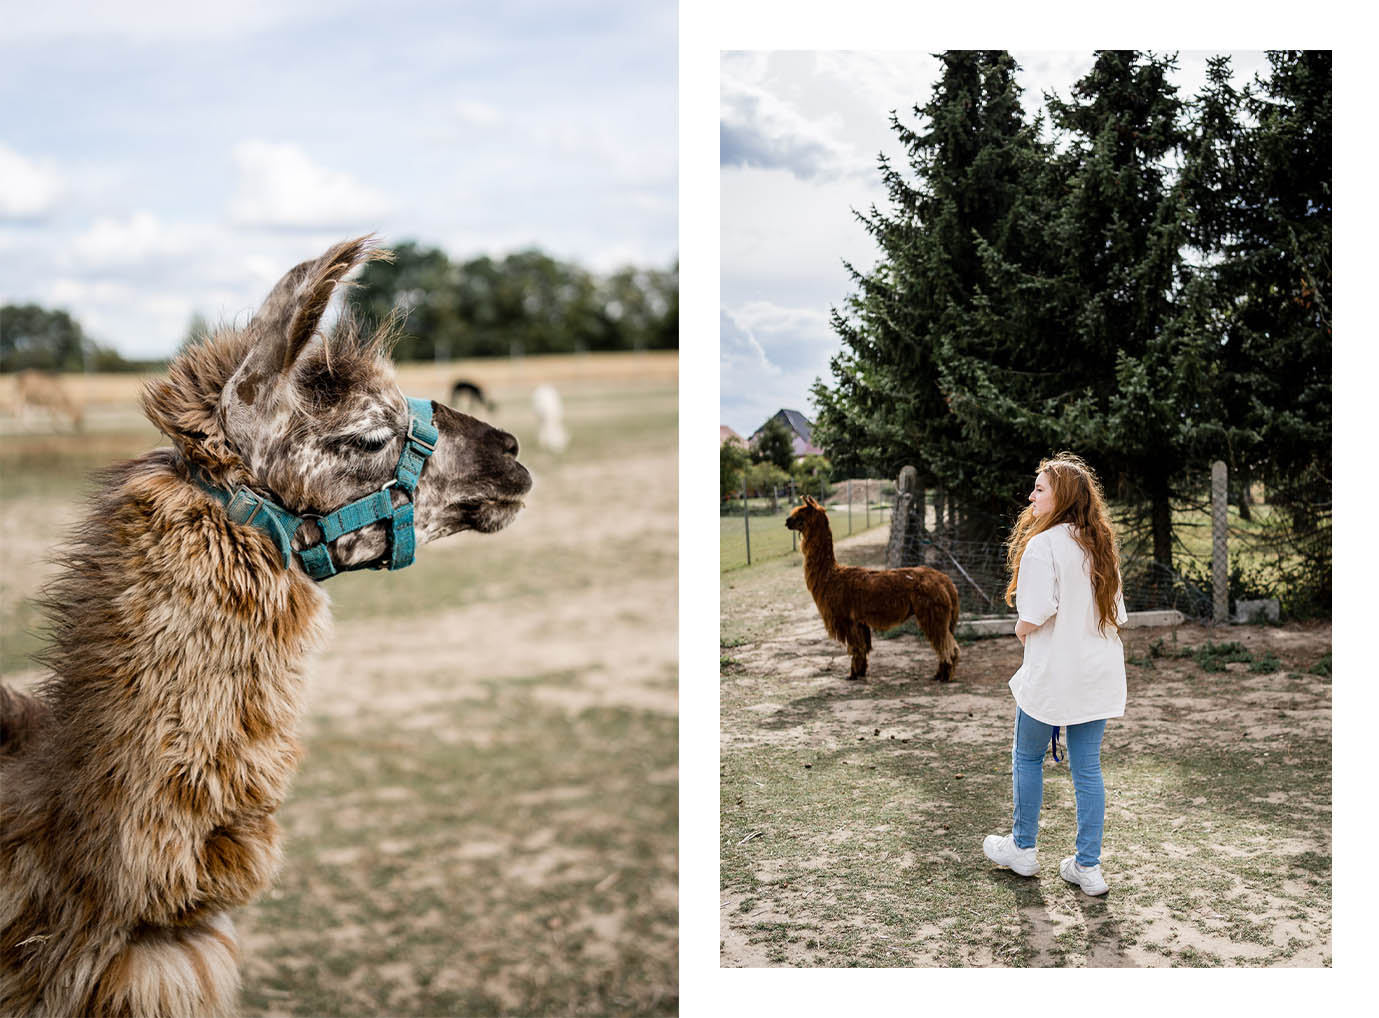 Alpaca-Island in Hohenbucko